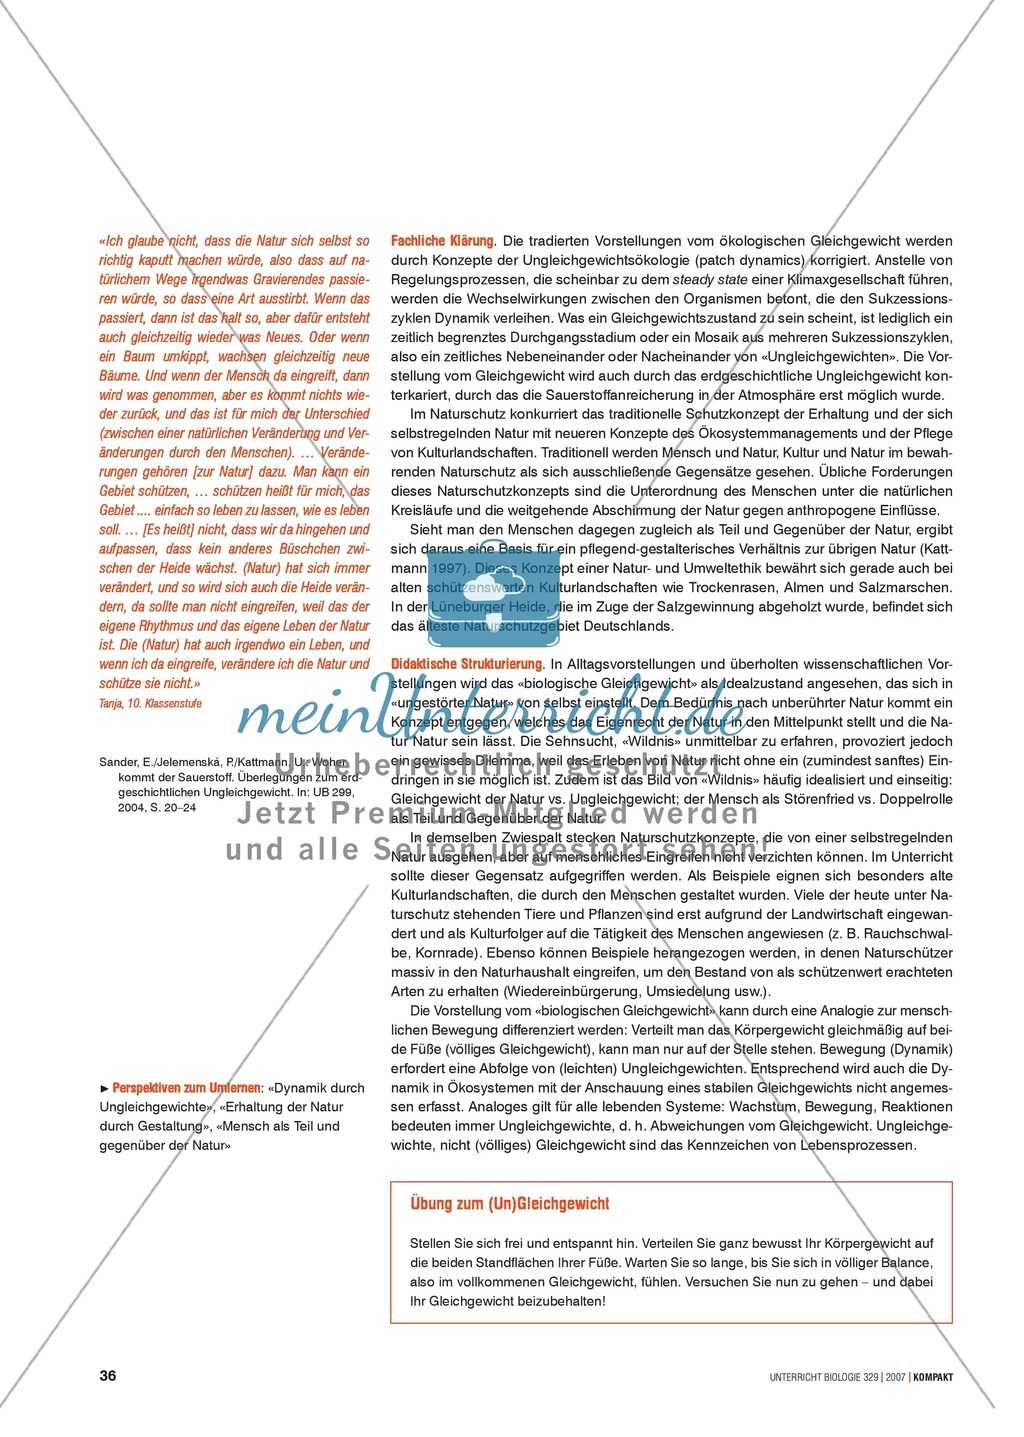 Alltagsvorstellungen zur Ökologie - Mensch und Natur: Info-Text und Aufgaben Preview 1